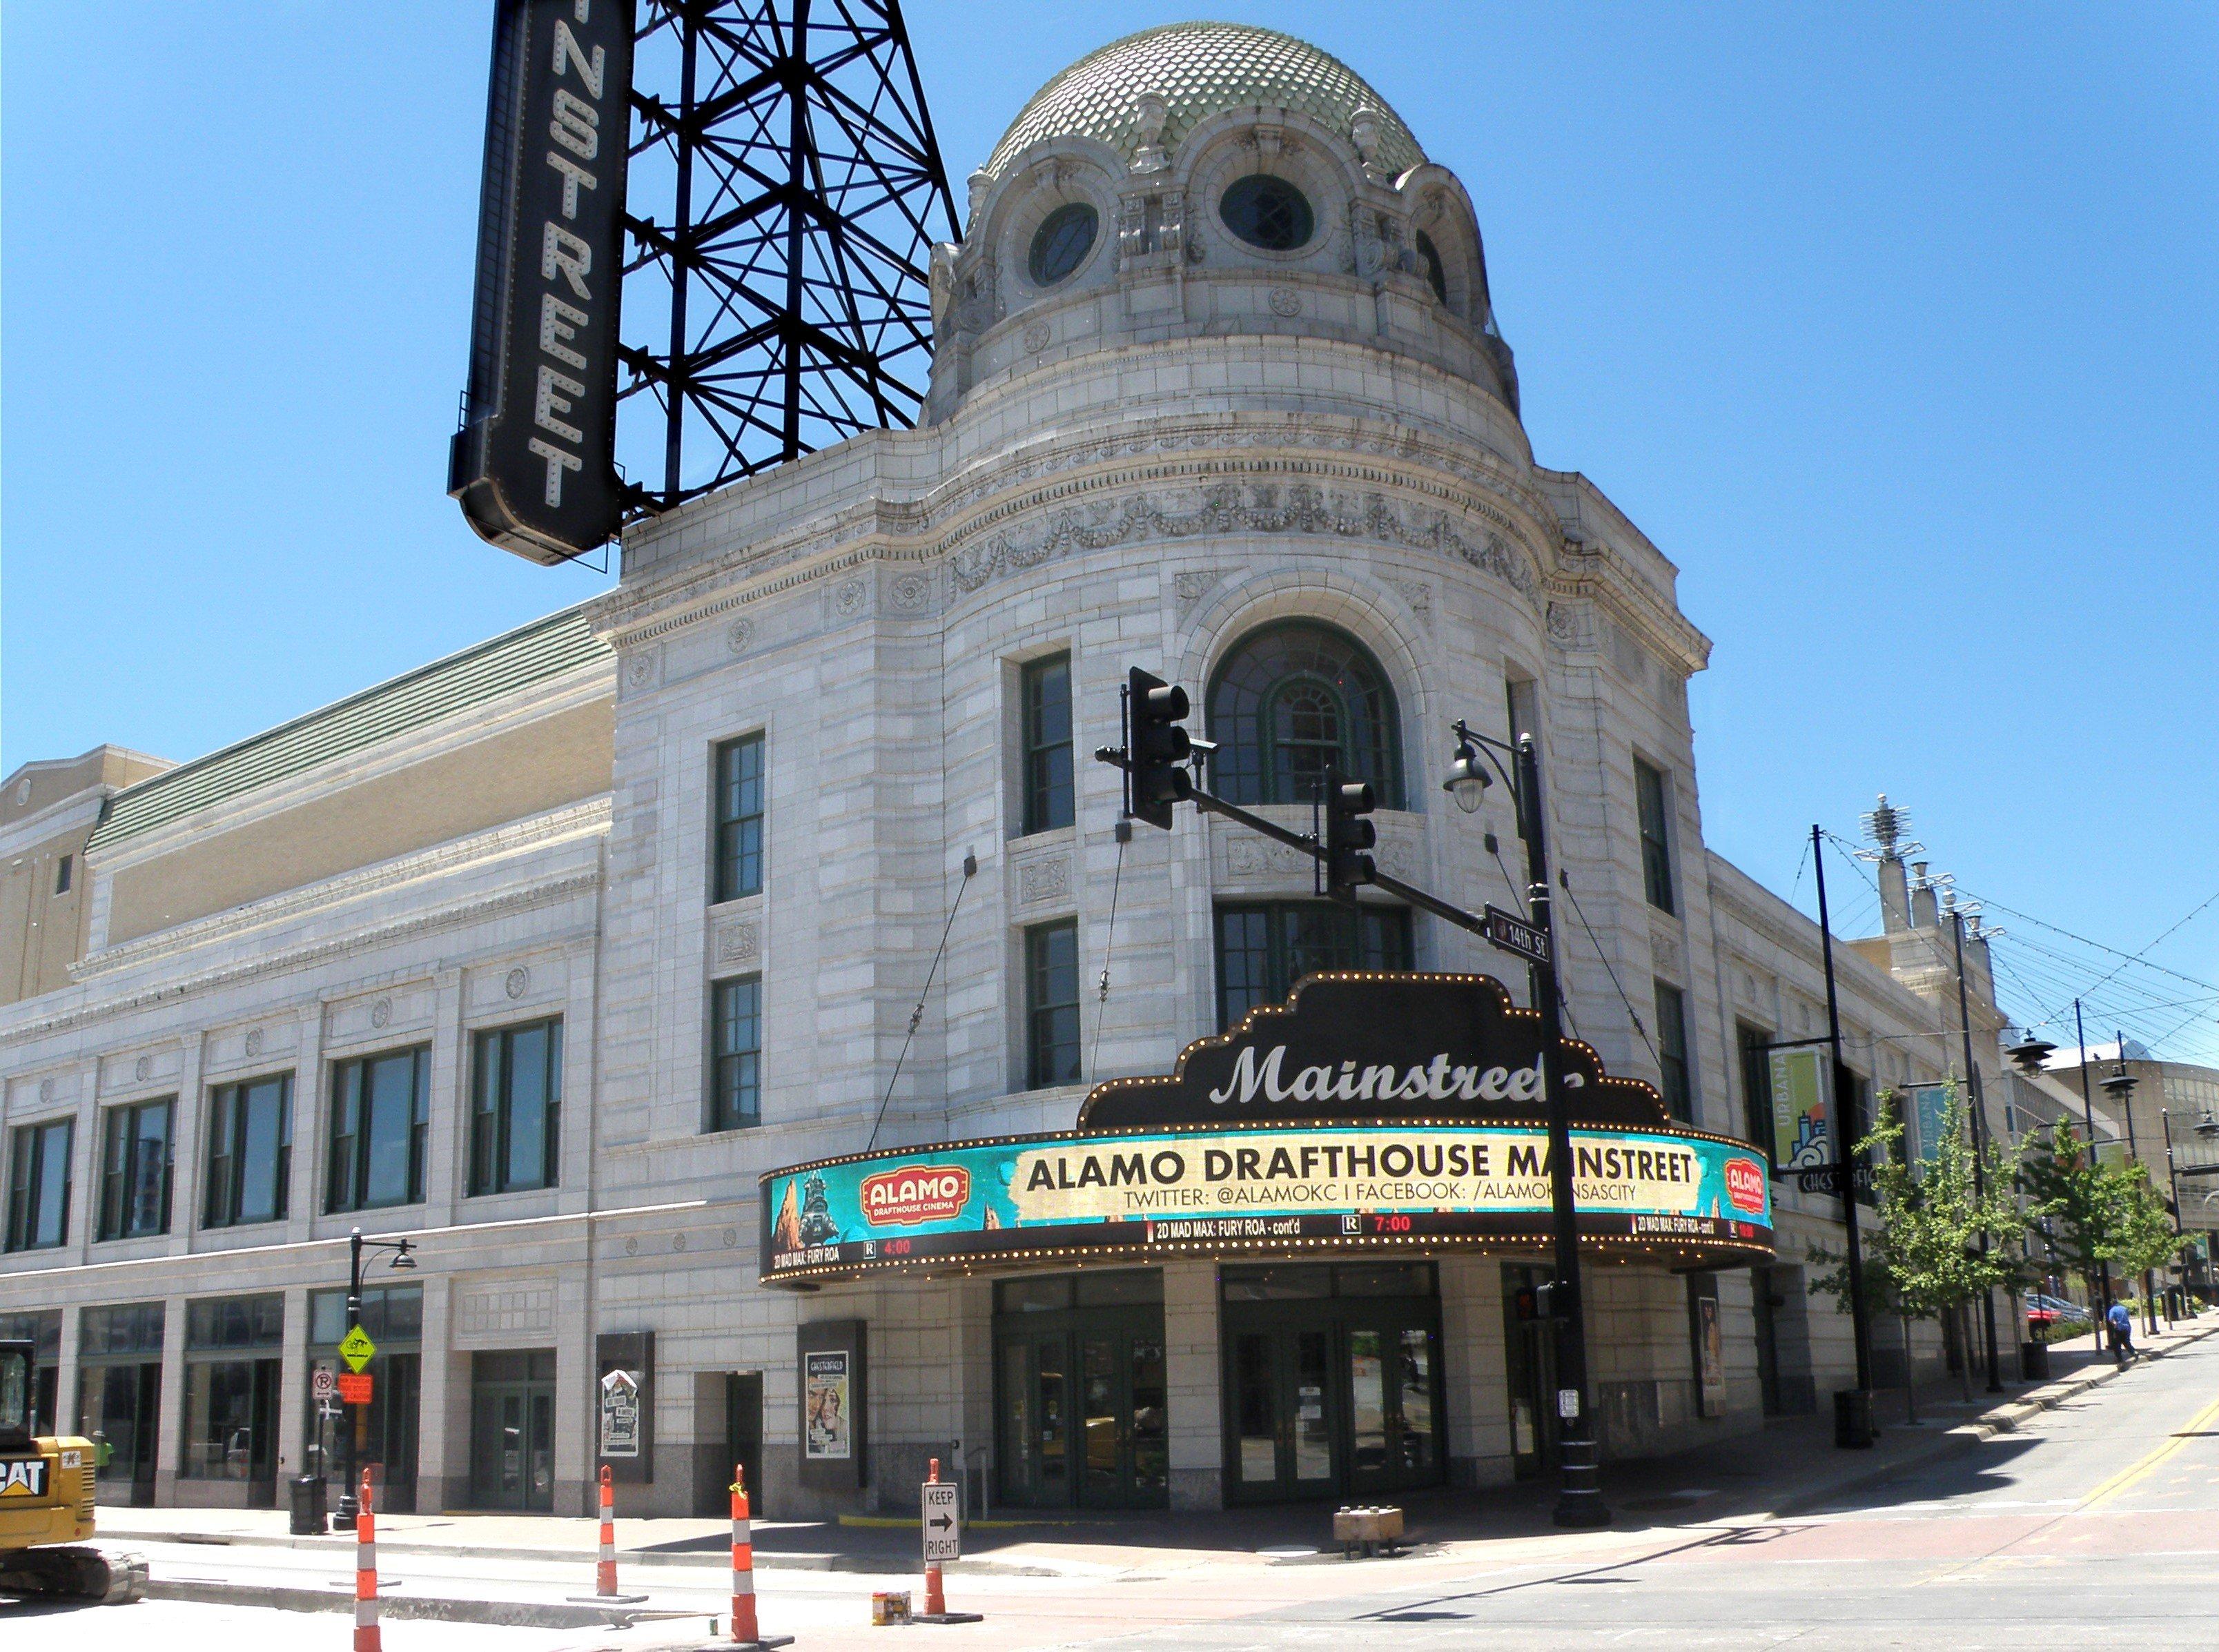 Alamo_Drafthouse_Mainstreet_-_Kansas_City,_Missouri,_USA_-_panoramio